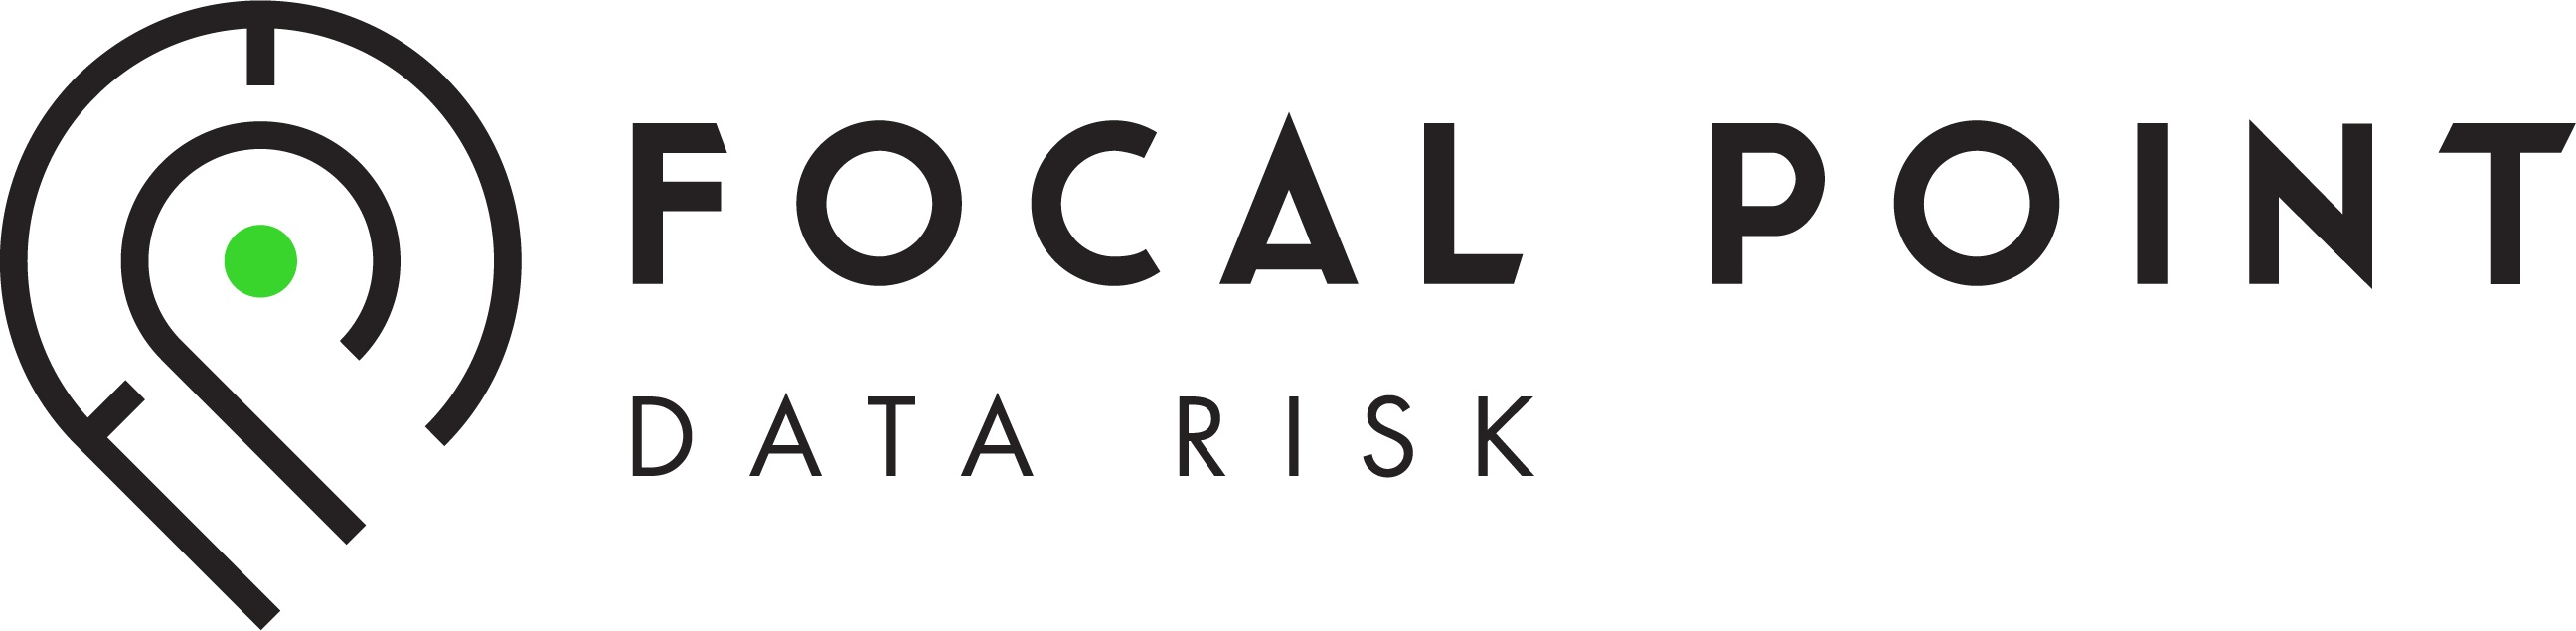 Focal Point Data Risk Logo